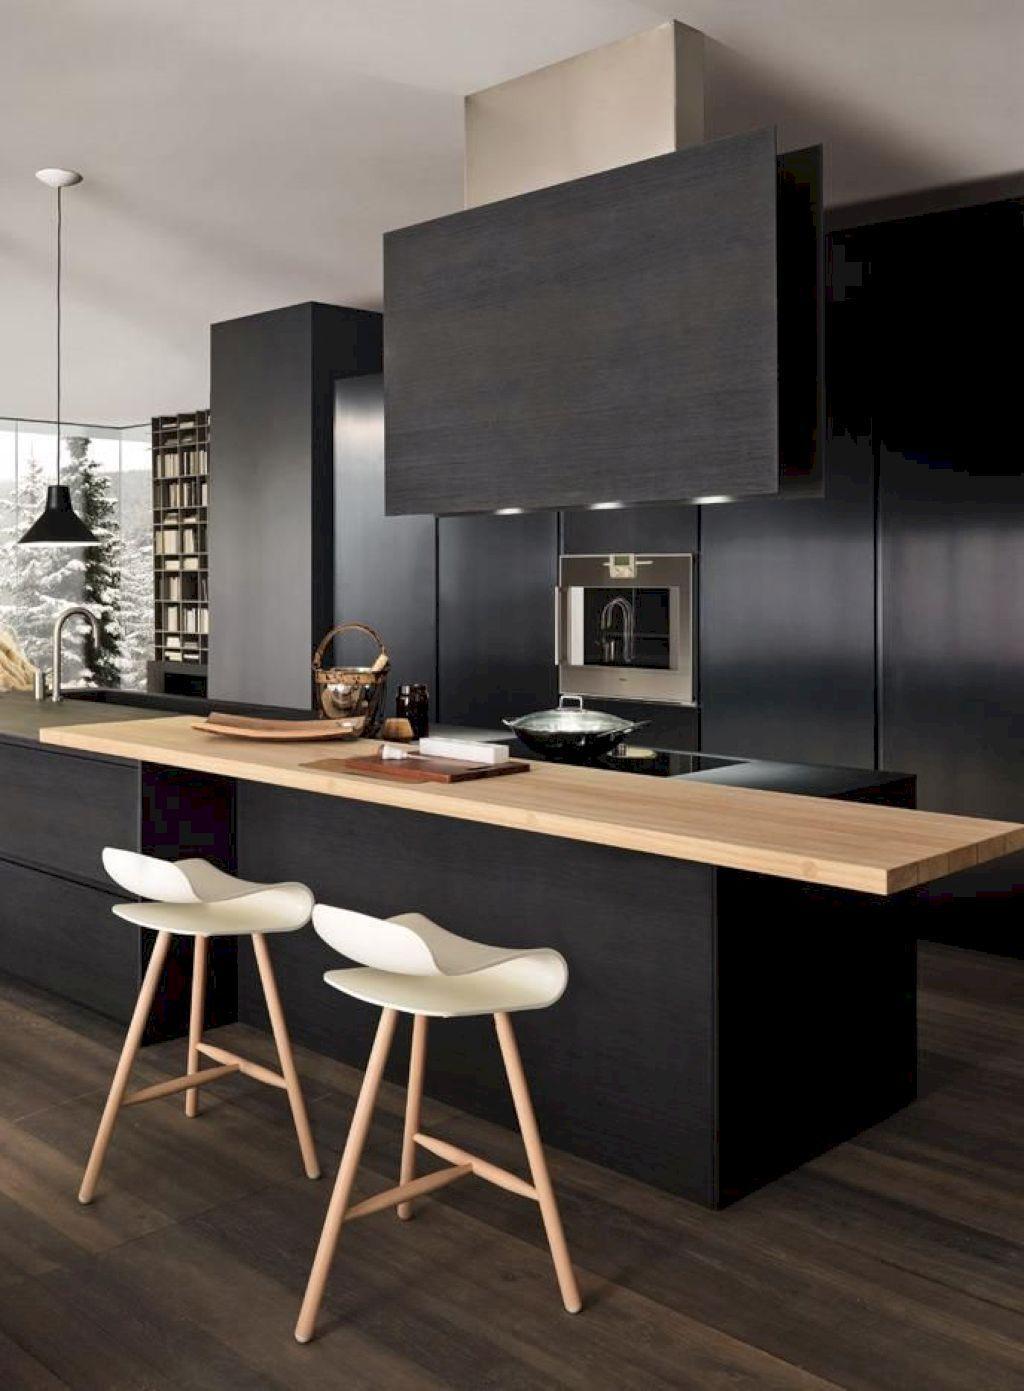 15 Modern Contemporary Kitchen Ideas 15 Modern